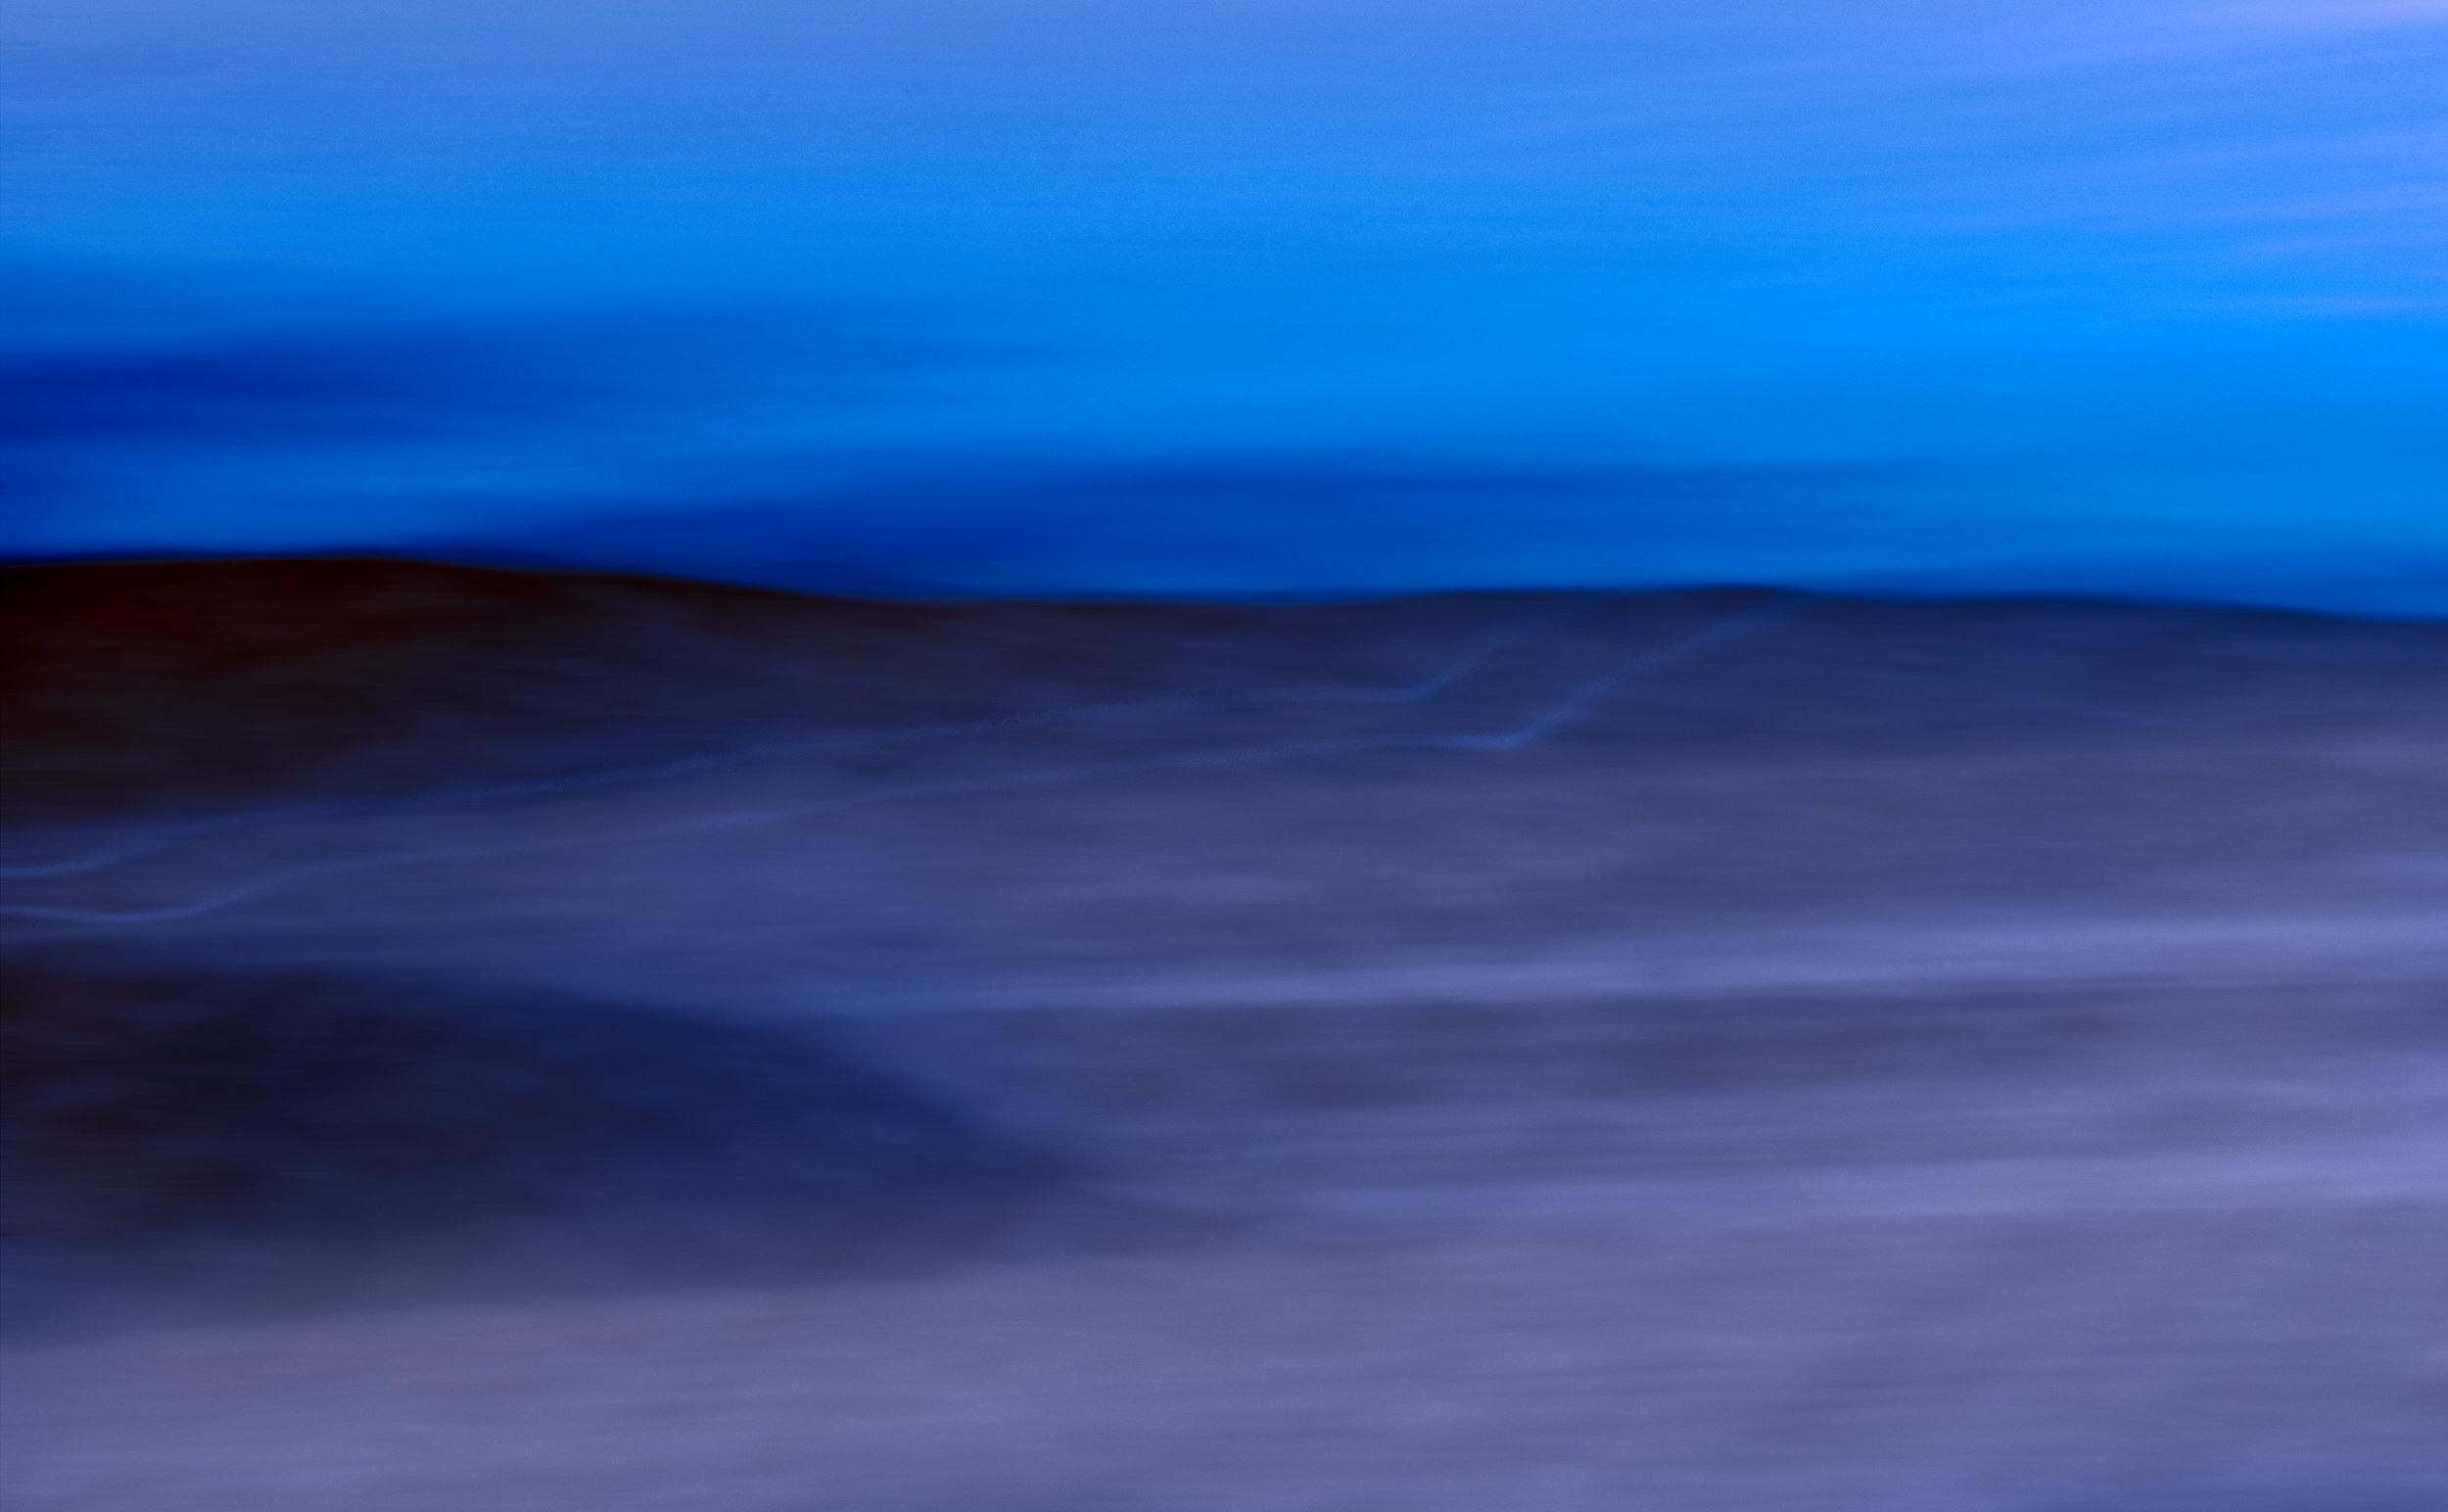 03_ cavalo blur _3_6407(P 34x21).jpg